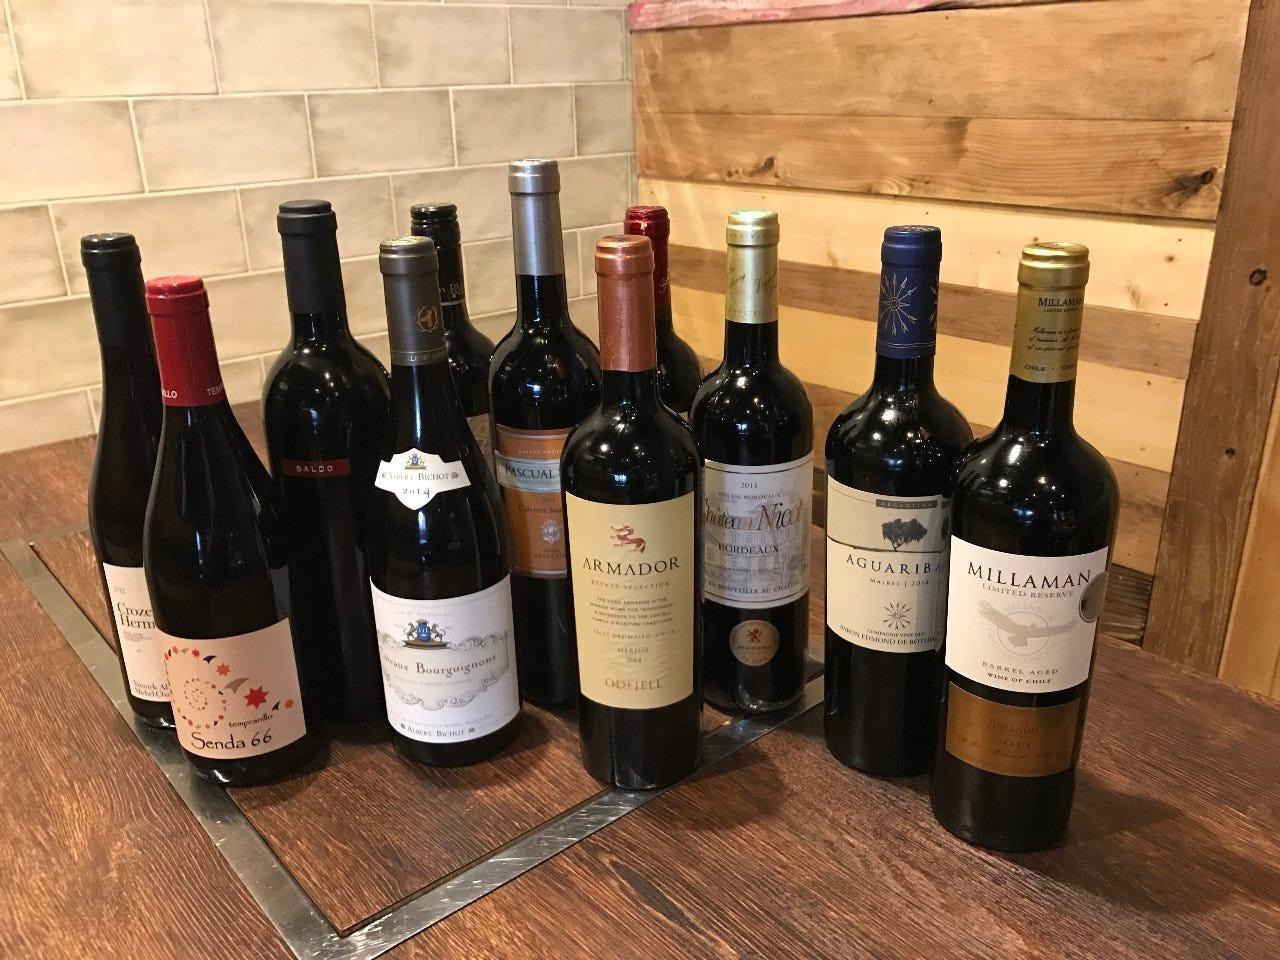 デート等おすすめ♪ワインも種類豊富